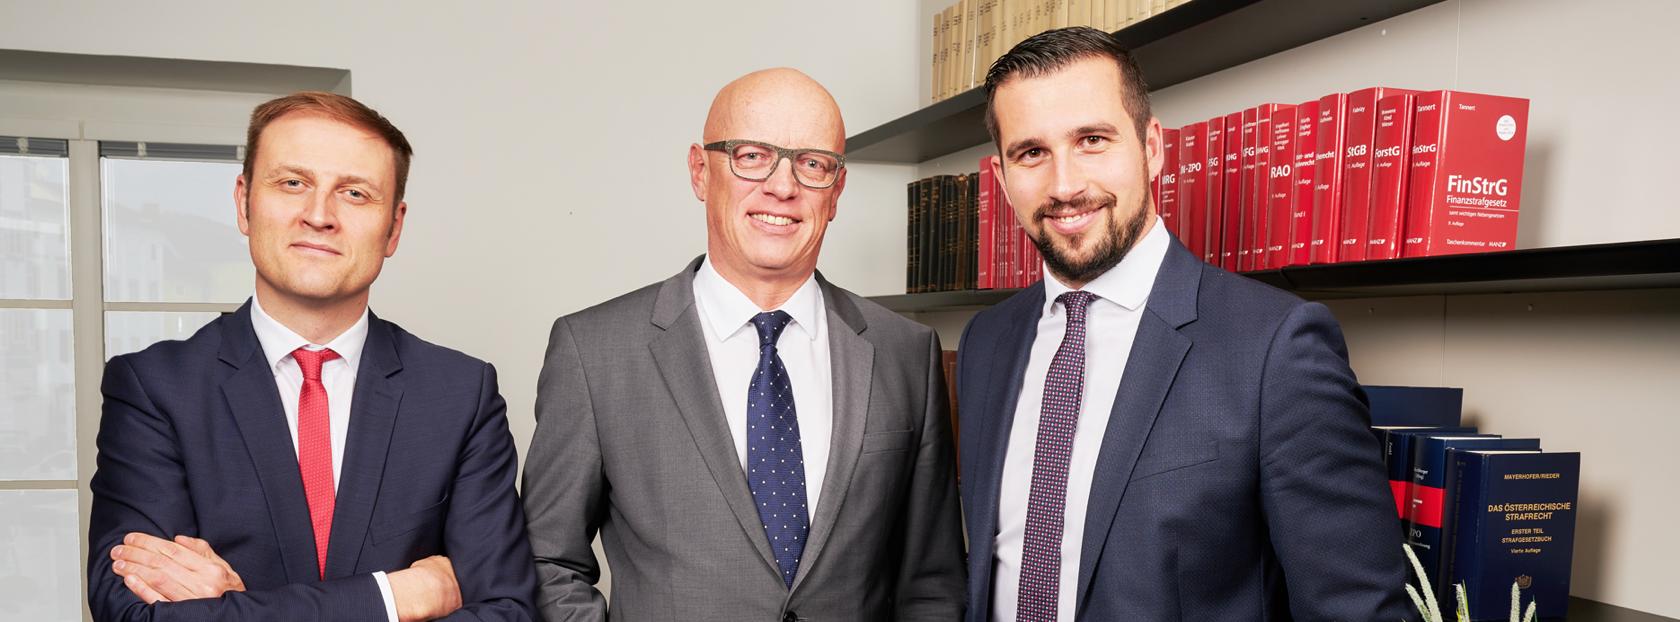 Kanzlei von Raffaseder Haider - Rechtsanwälte Freistadt